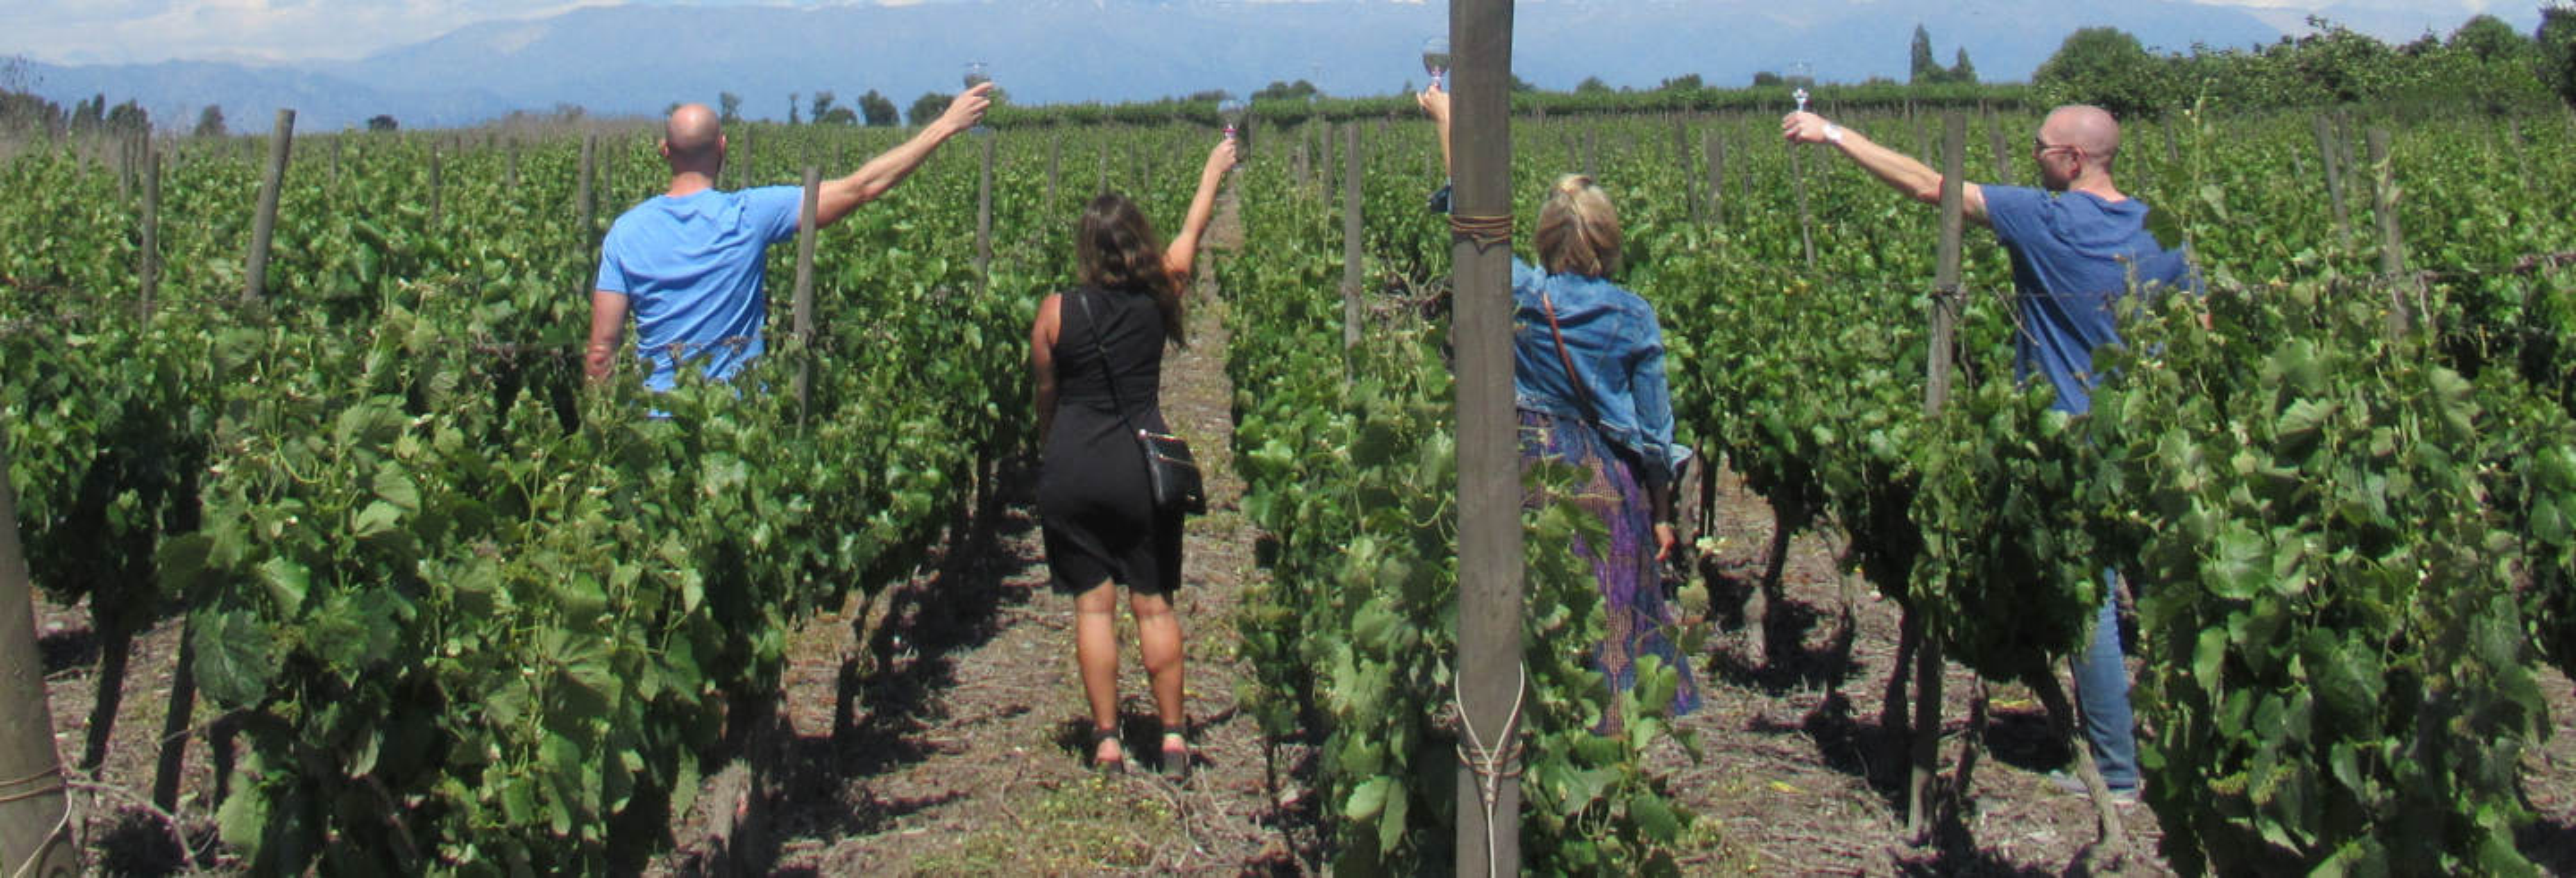 Visite des vignobles et caves à vin de Isla de Maipo